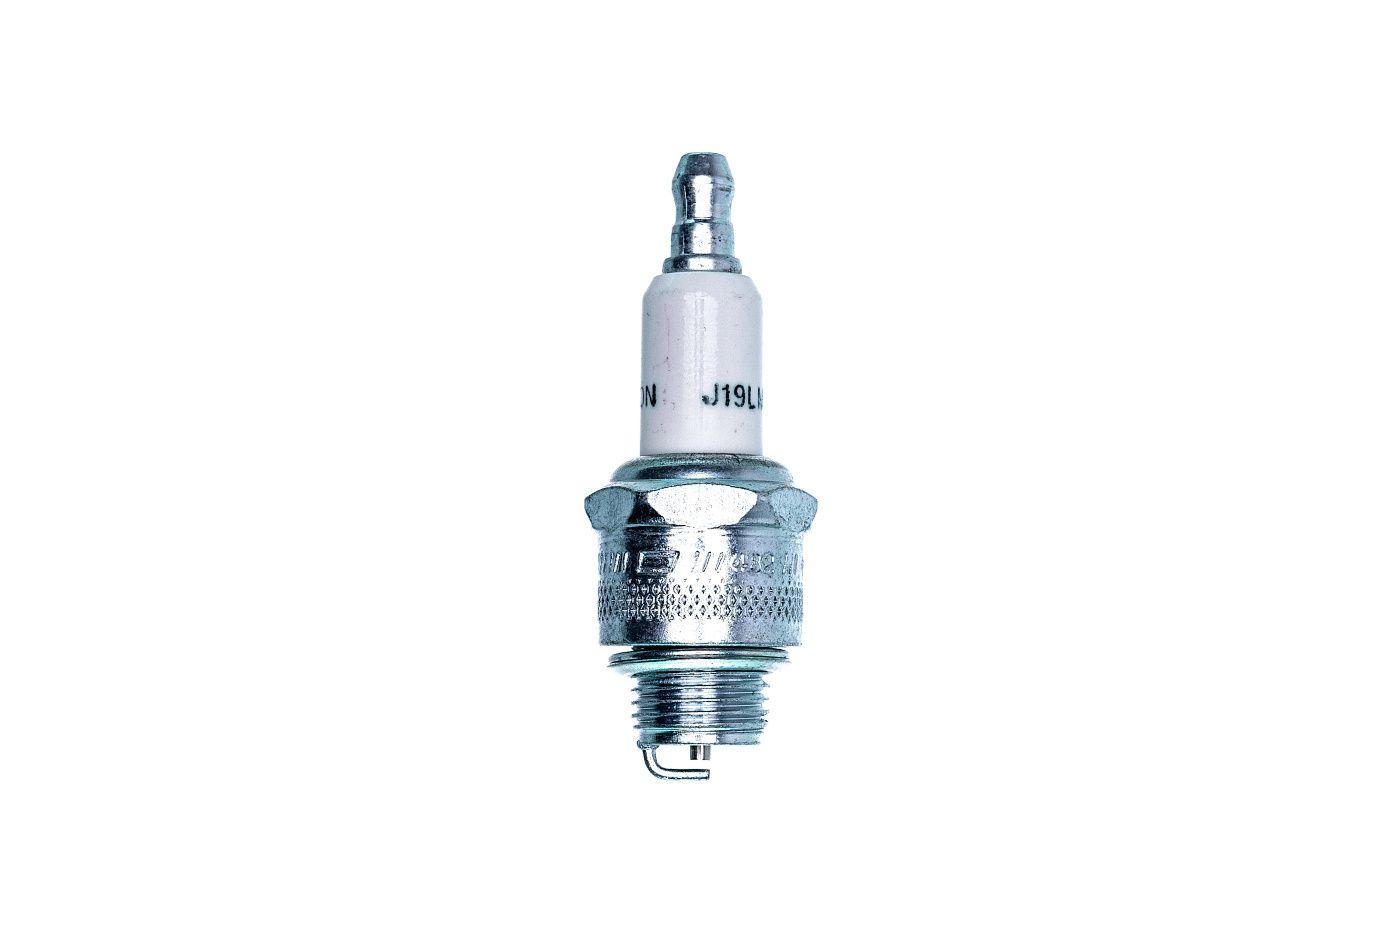 Zapalovací svíčka CHAMPION J19LM/W24 sekačky 24 kusů - 992301